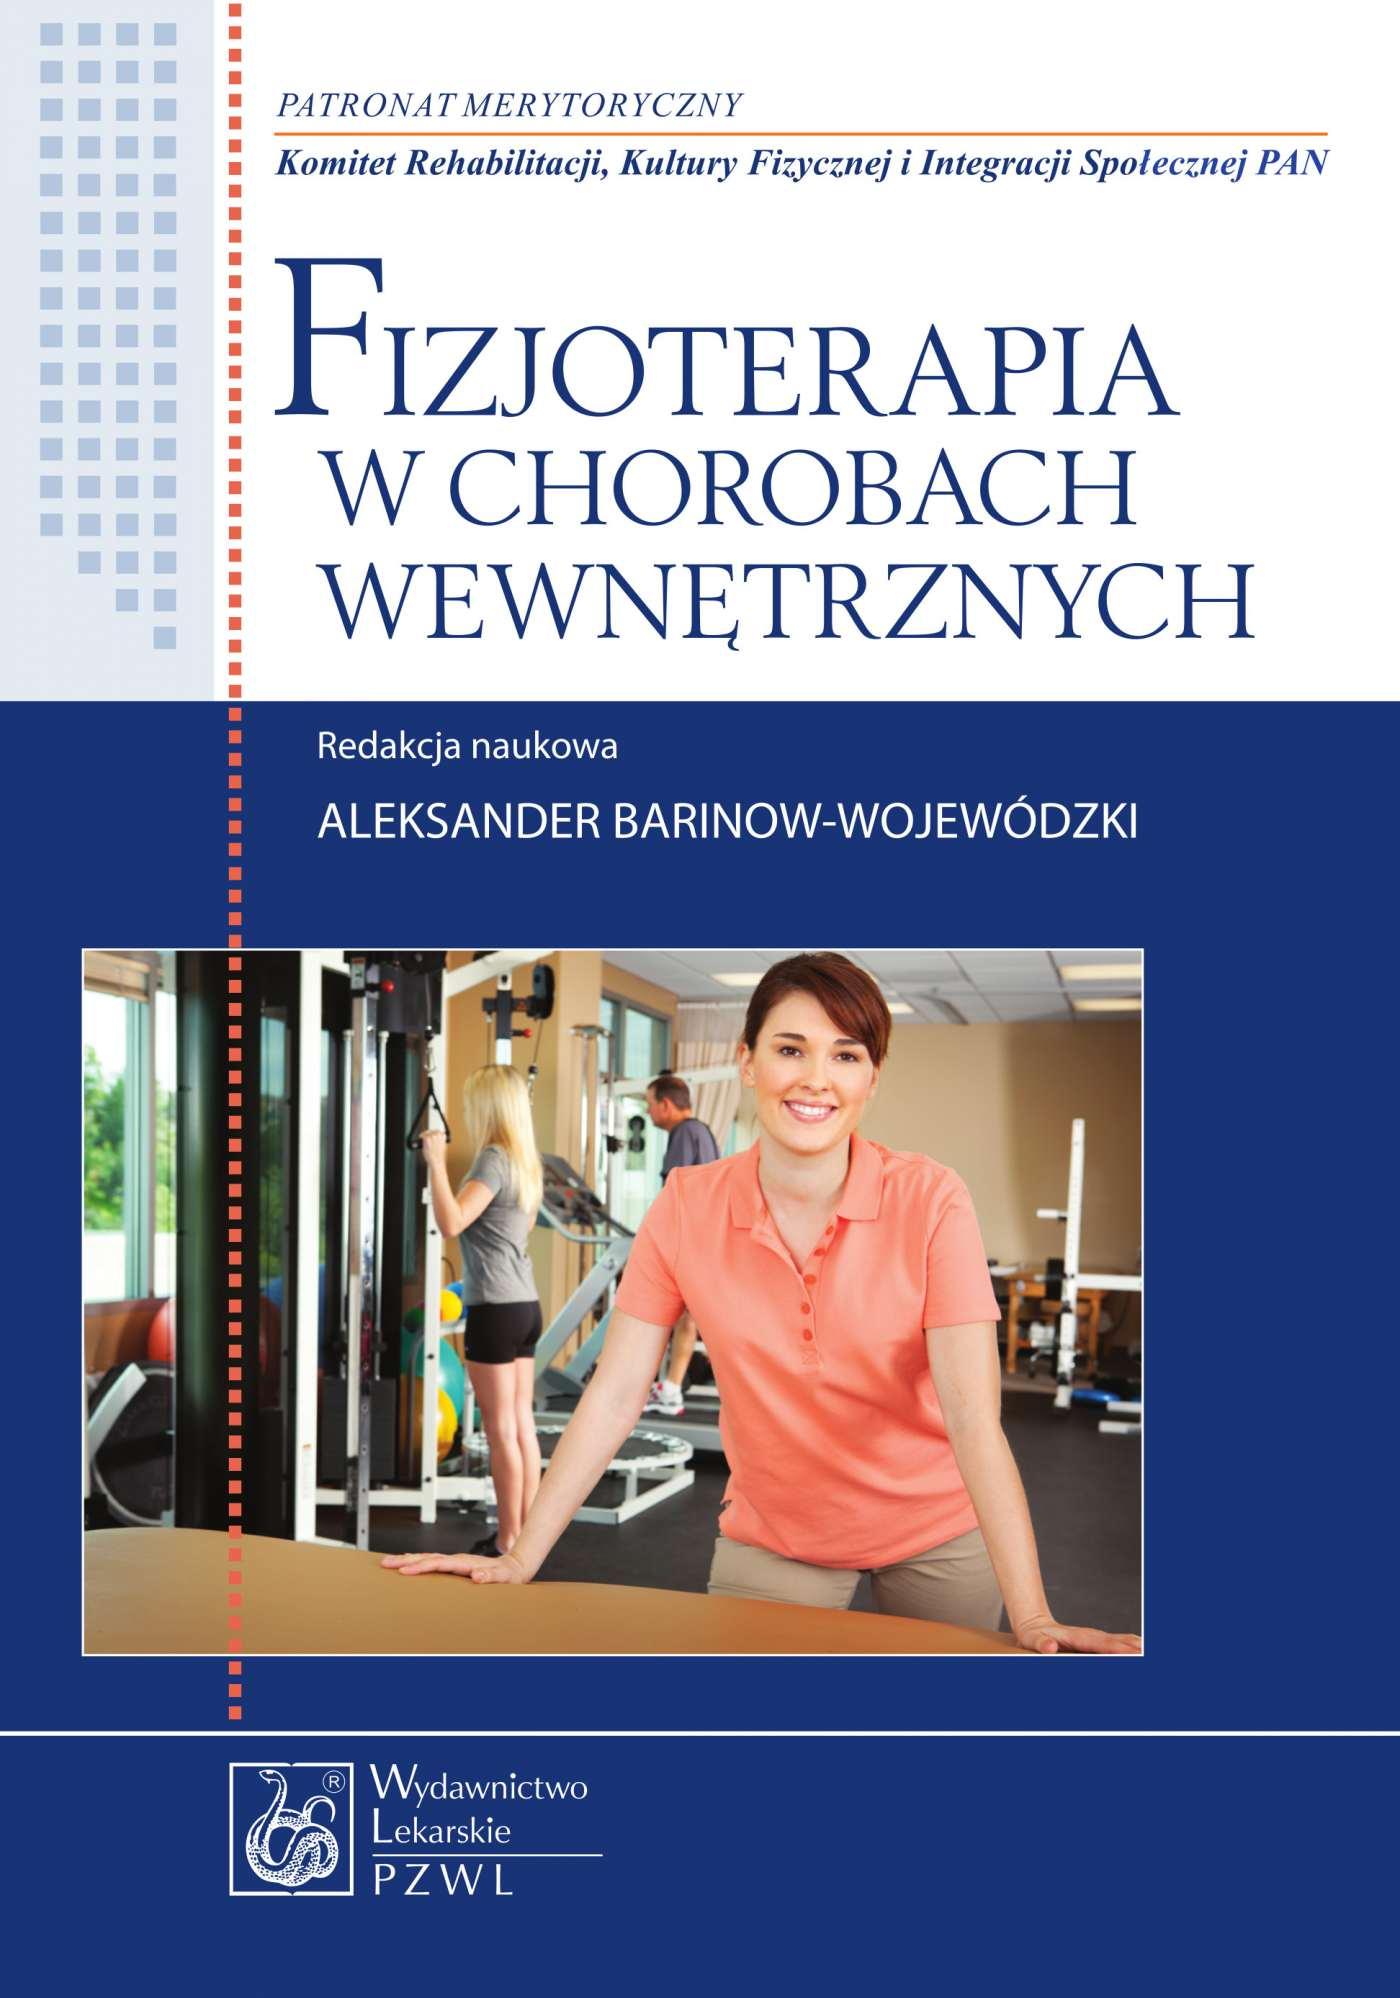 Fizjoterapia w chorobach wewnętrznych - Ebook (Książka EPUB) do pobrania w formacie EPUB